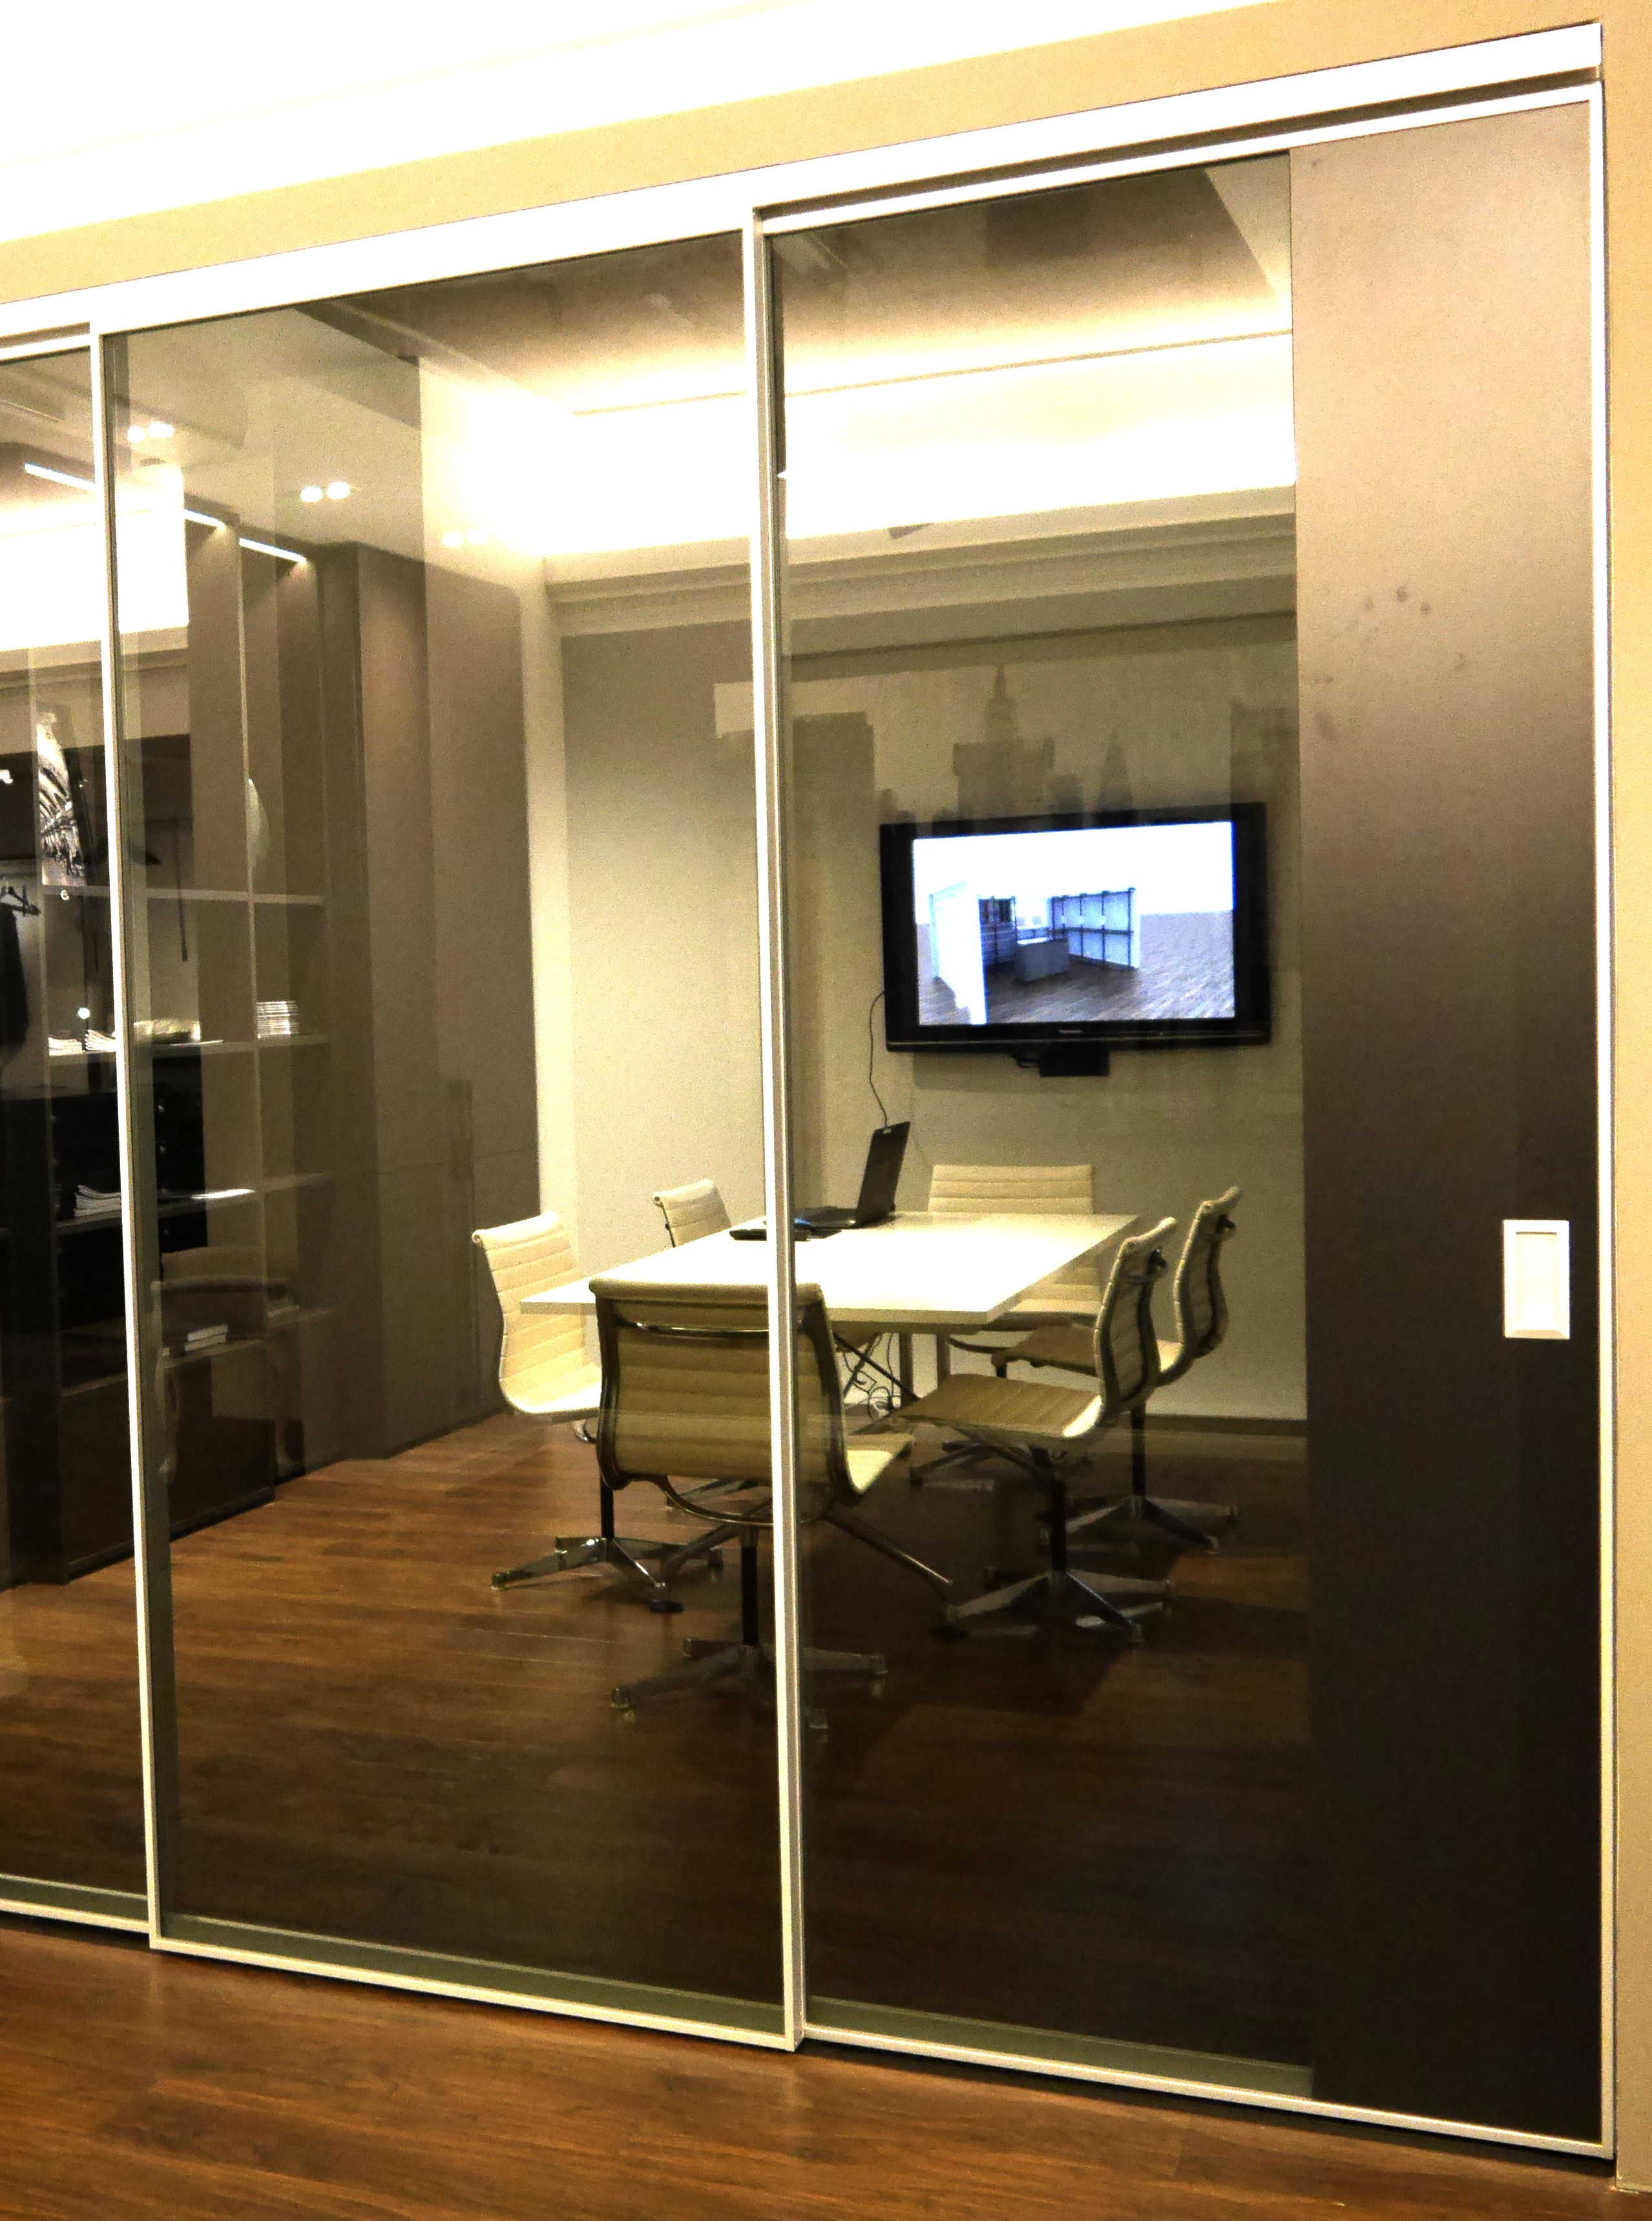 Arbeitszimmer Home Office Buro Mit Schiebetur Im Industrial Style